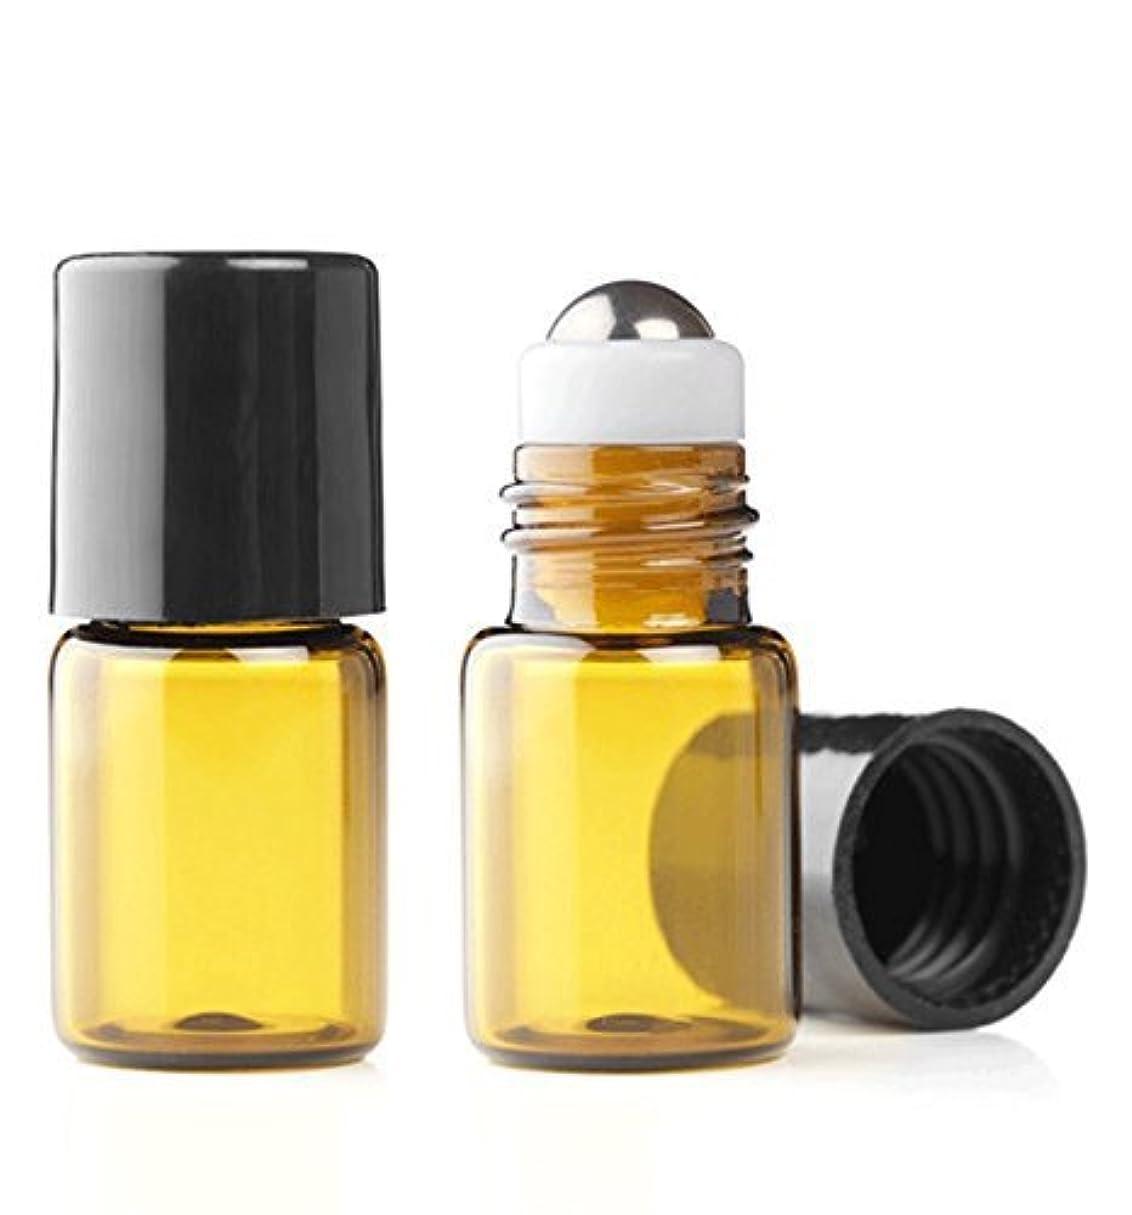 賞賛担保不測の事態Grand Parfums Empty 2ml Amber Glass Micro Mini Rollon Dram Glass Bottles with Metal Roller Balls - Refillable...